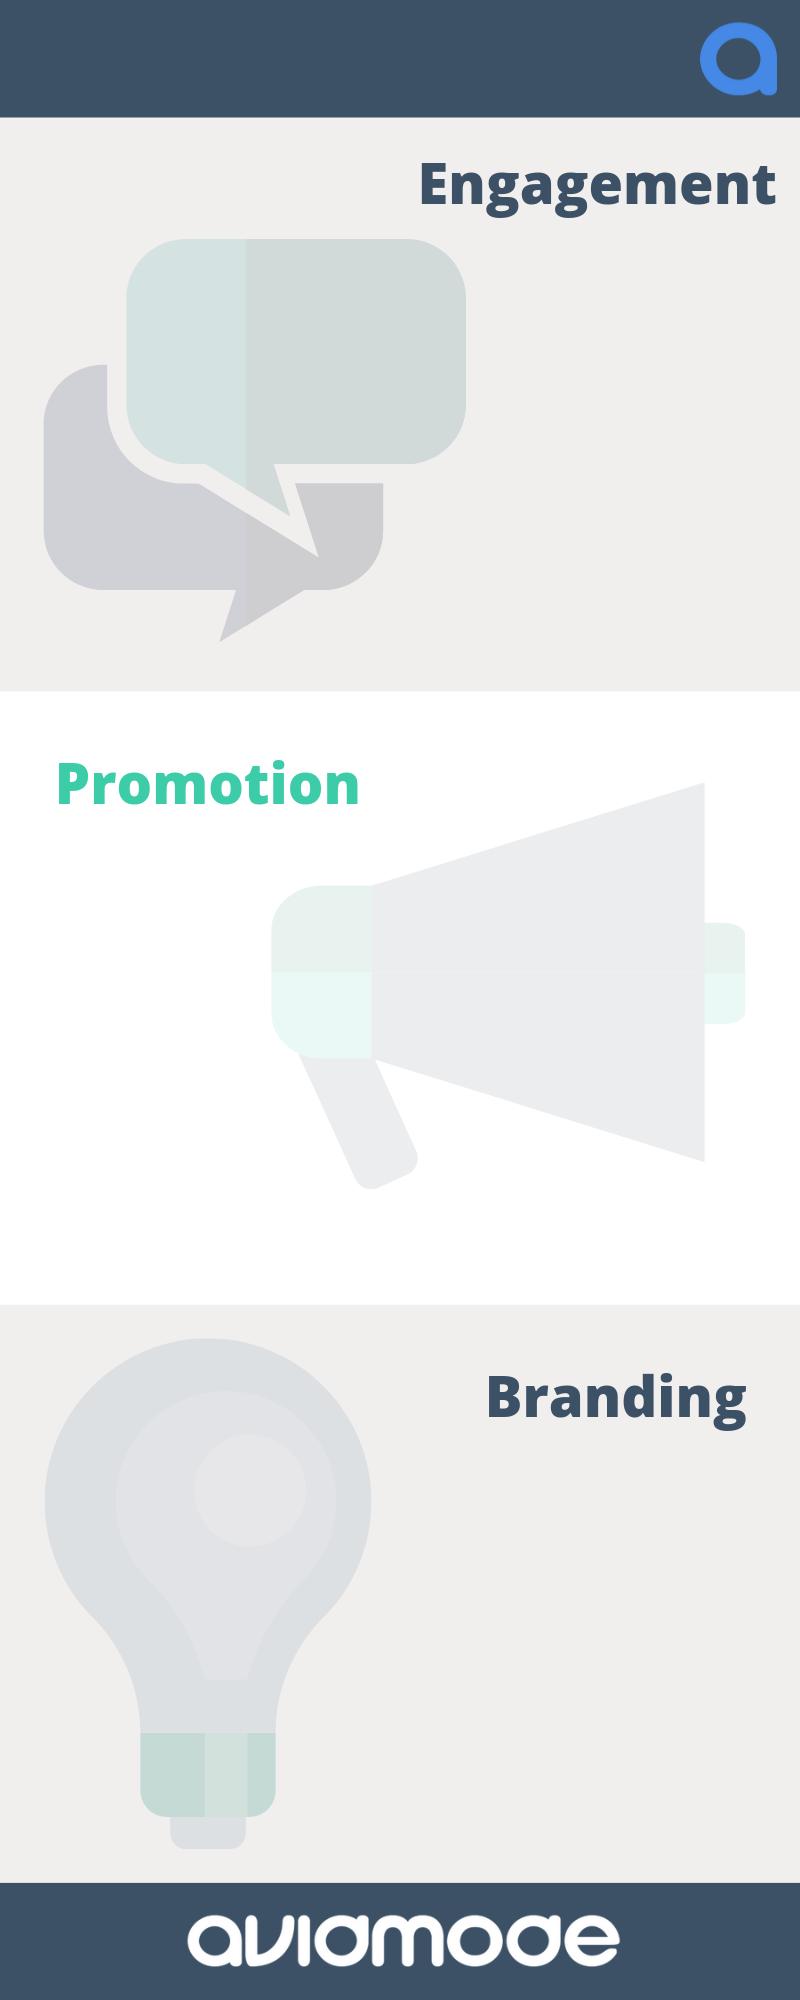 A list of the three pillars of social media marketing